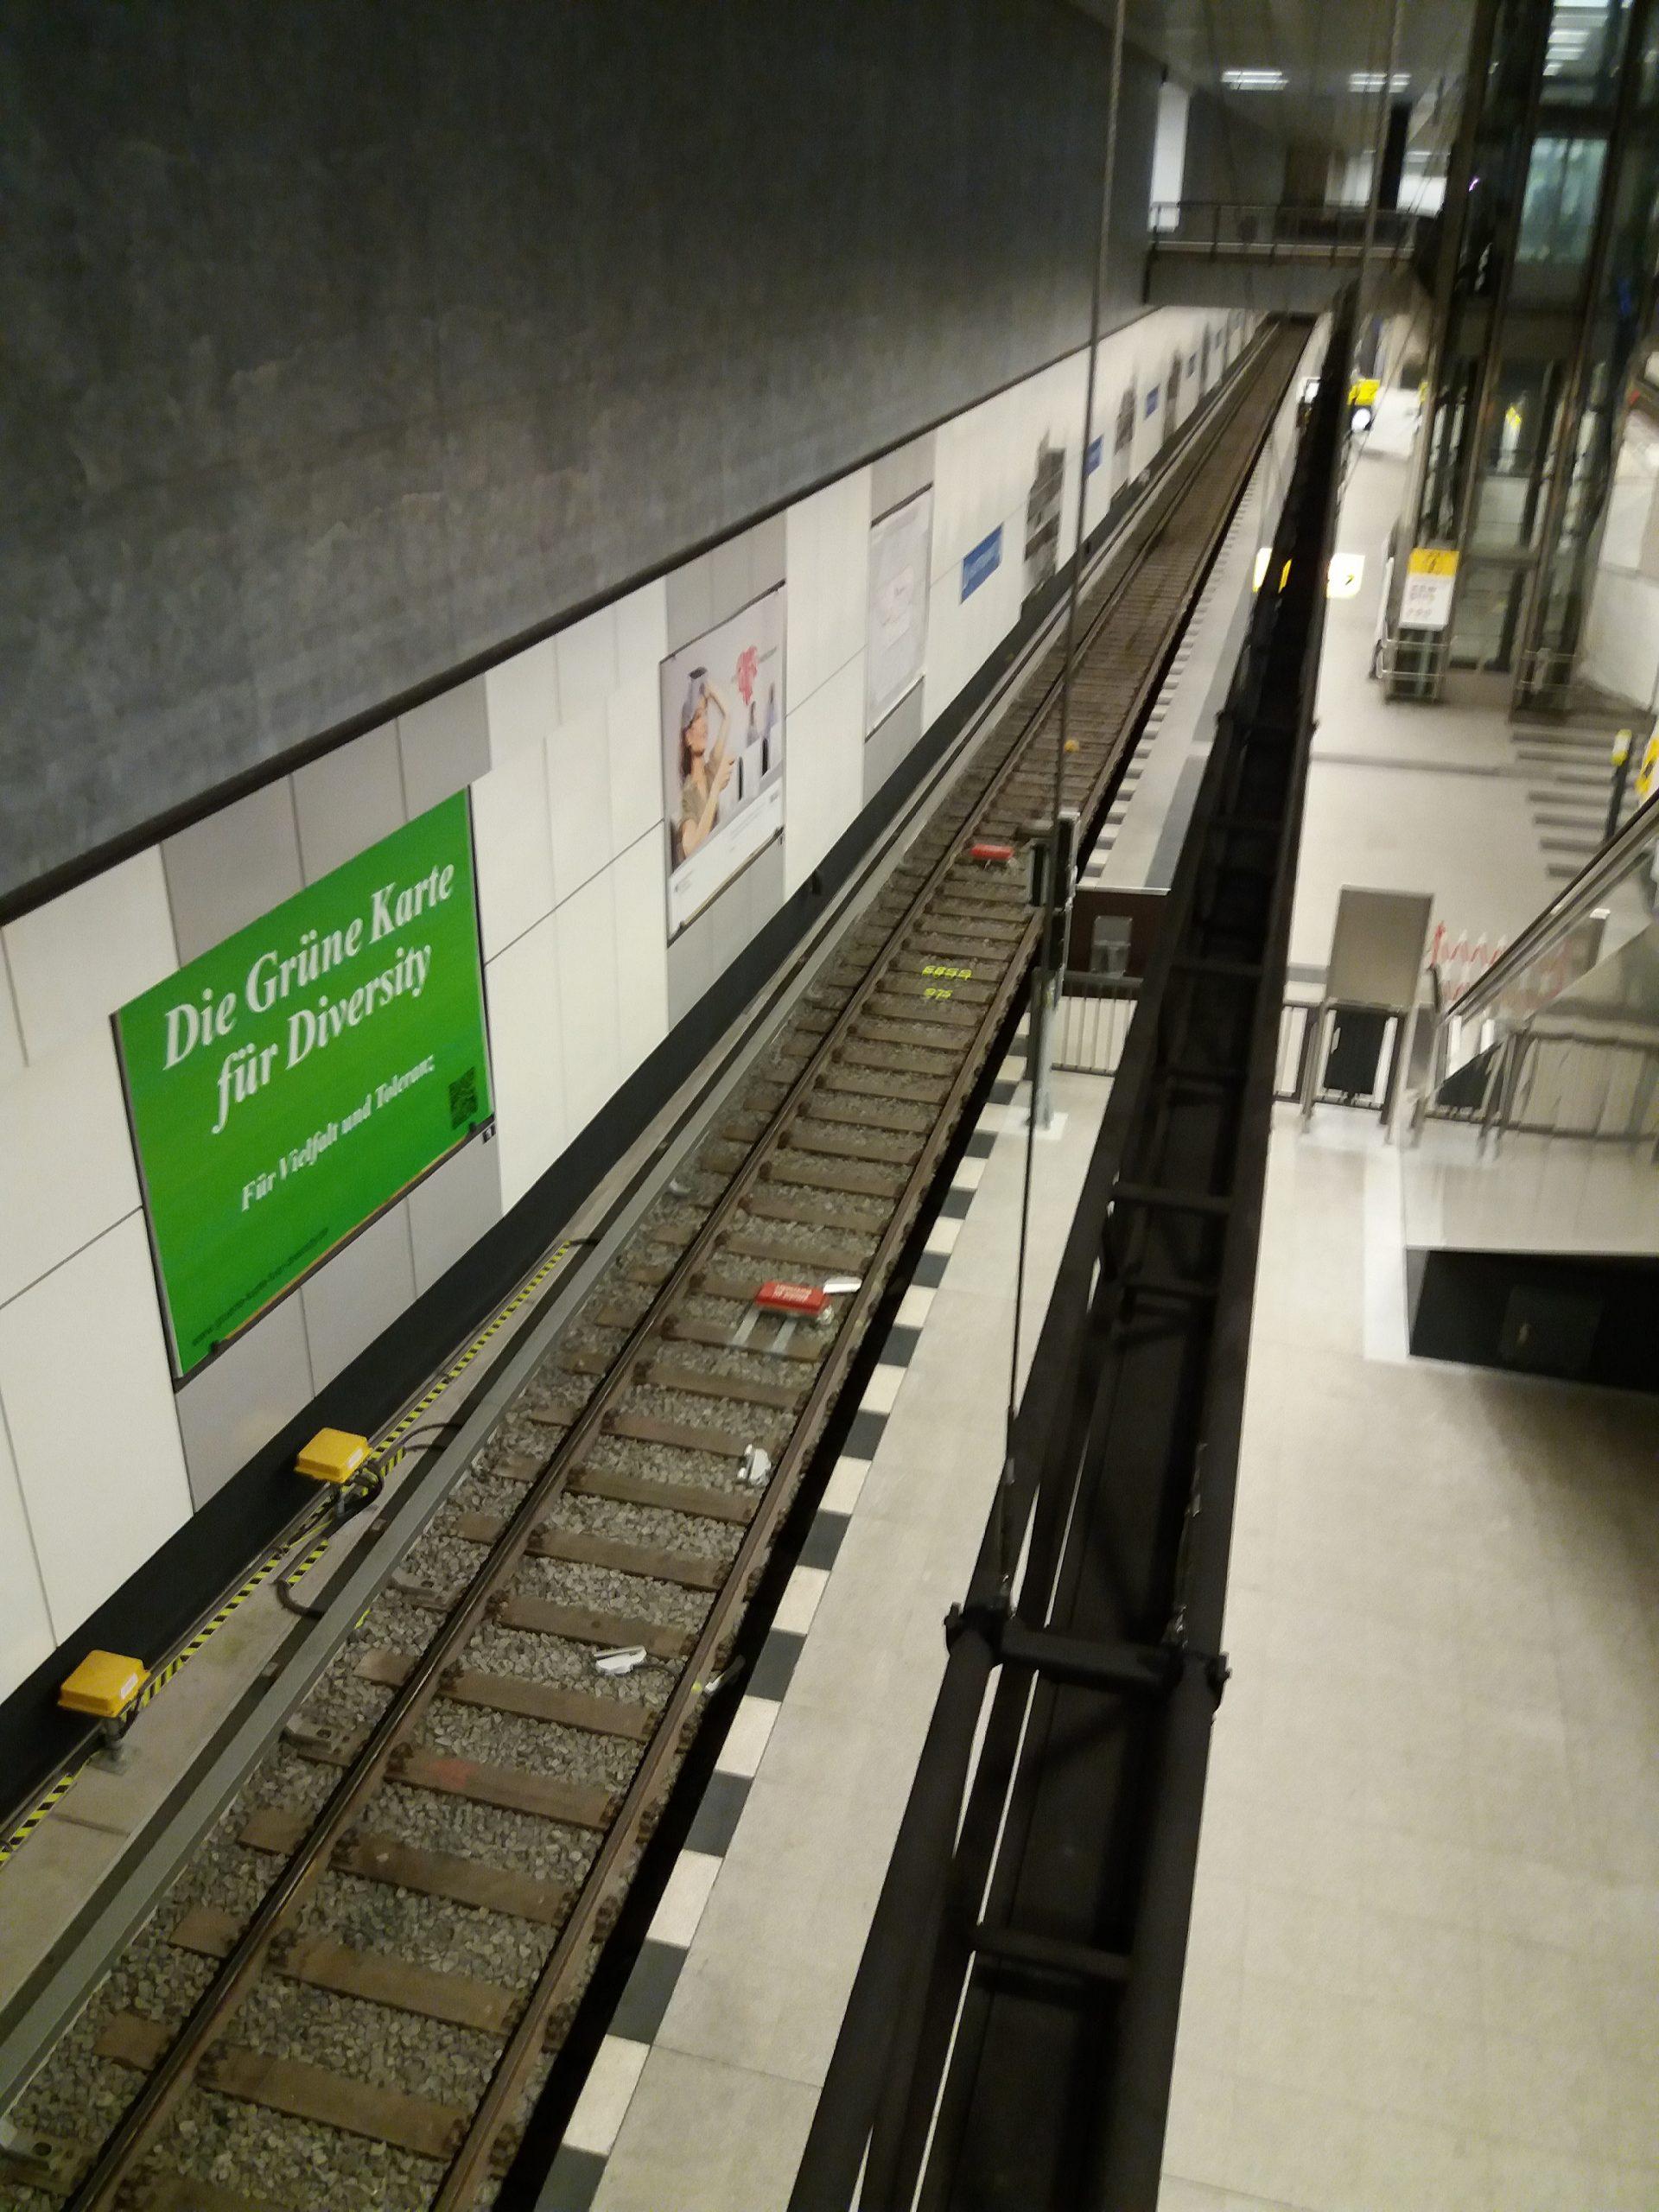 Grüne Karte für Diversity am Berliner Hauptbahnhof